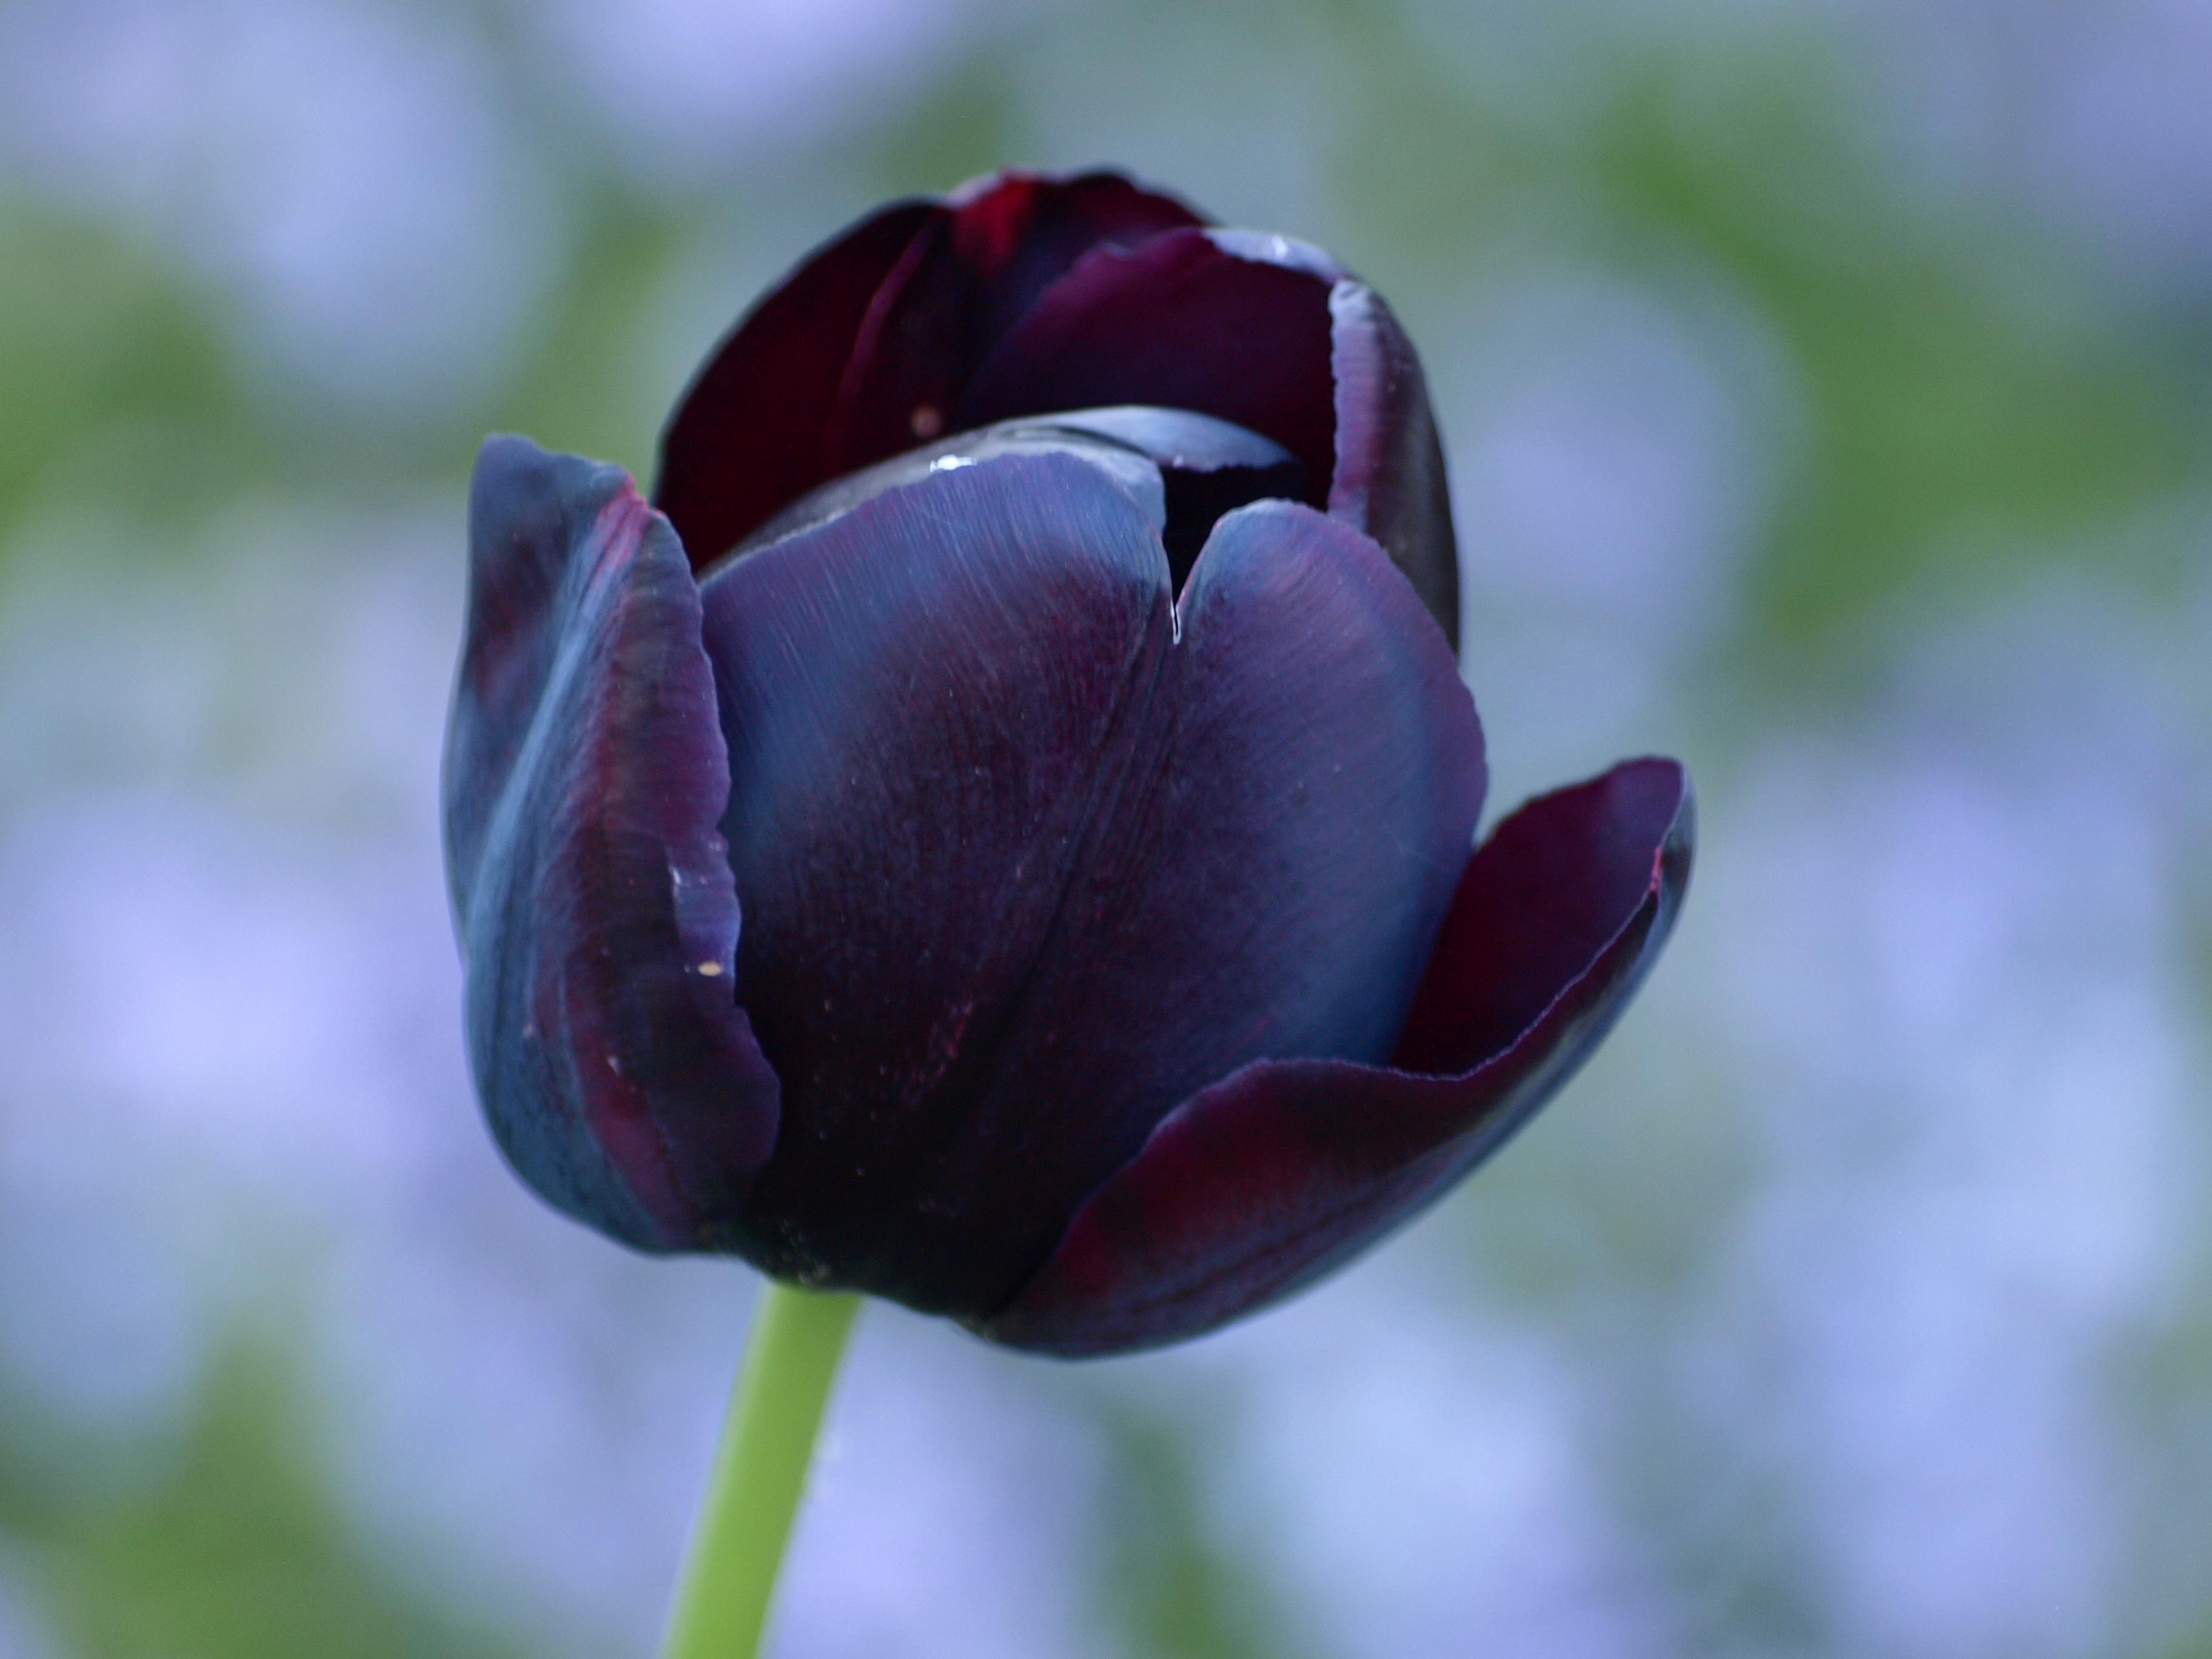 нете искал, бывают ли черные тюльпаны фото перегородки алюминиевые деревянные